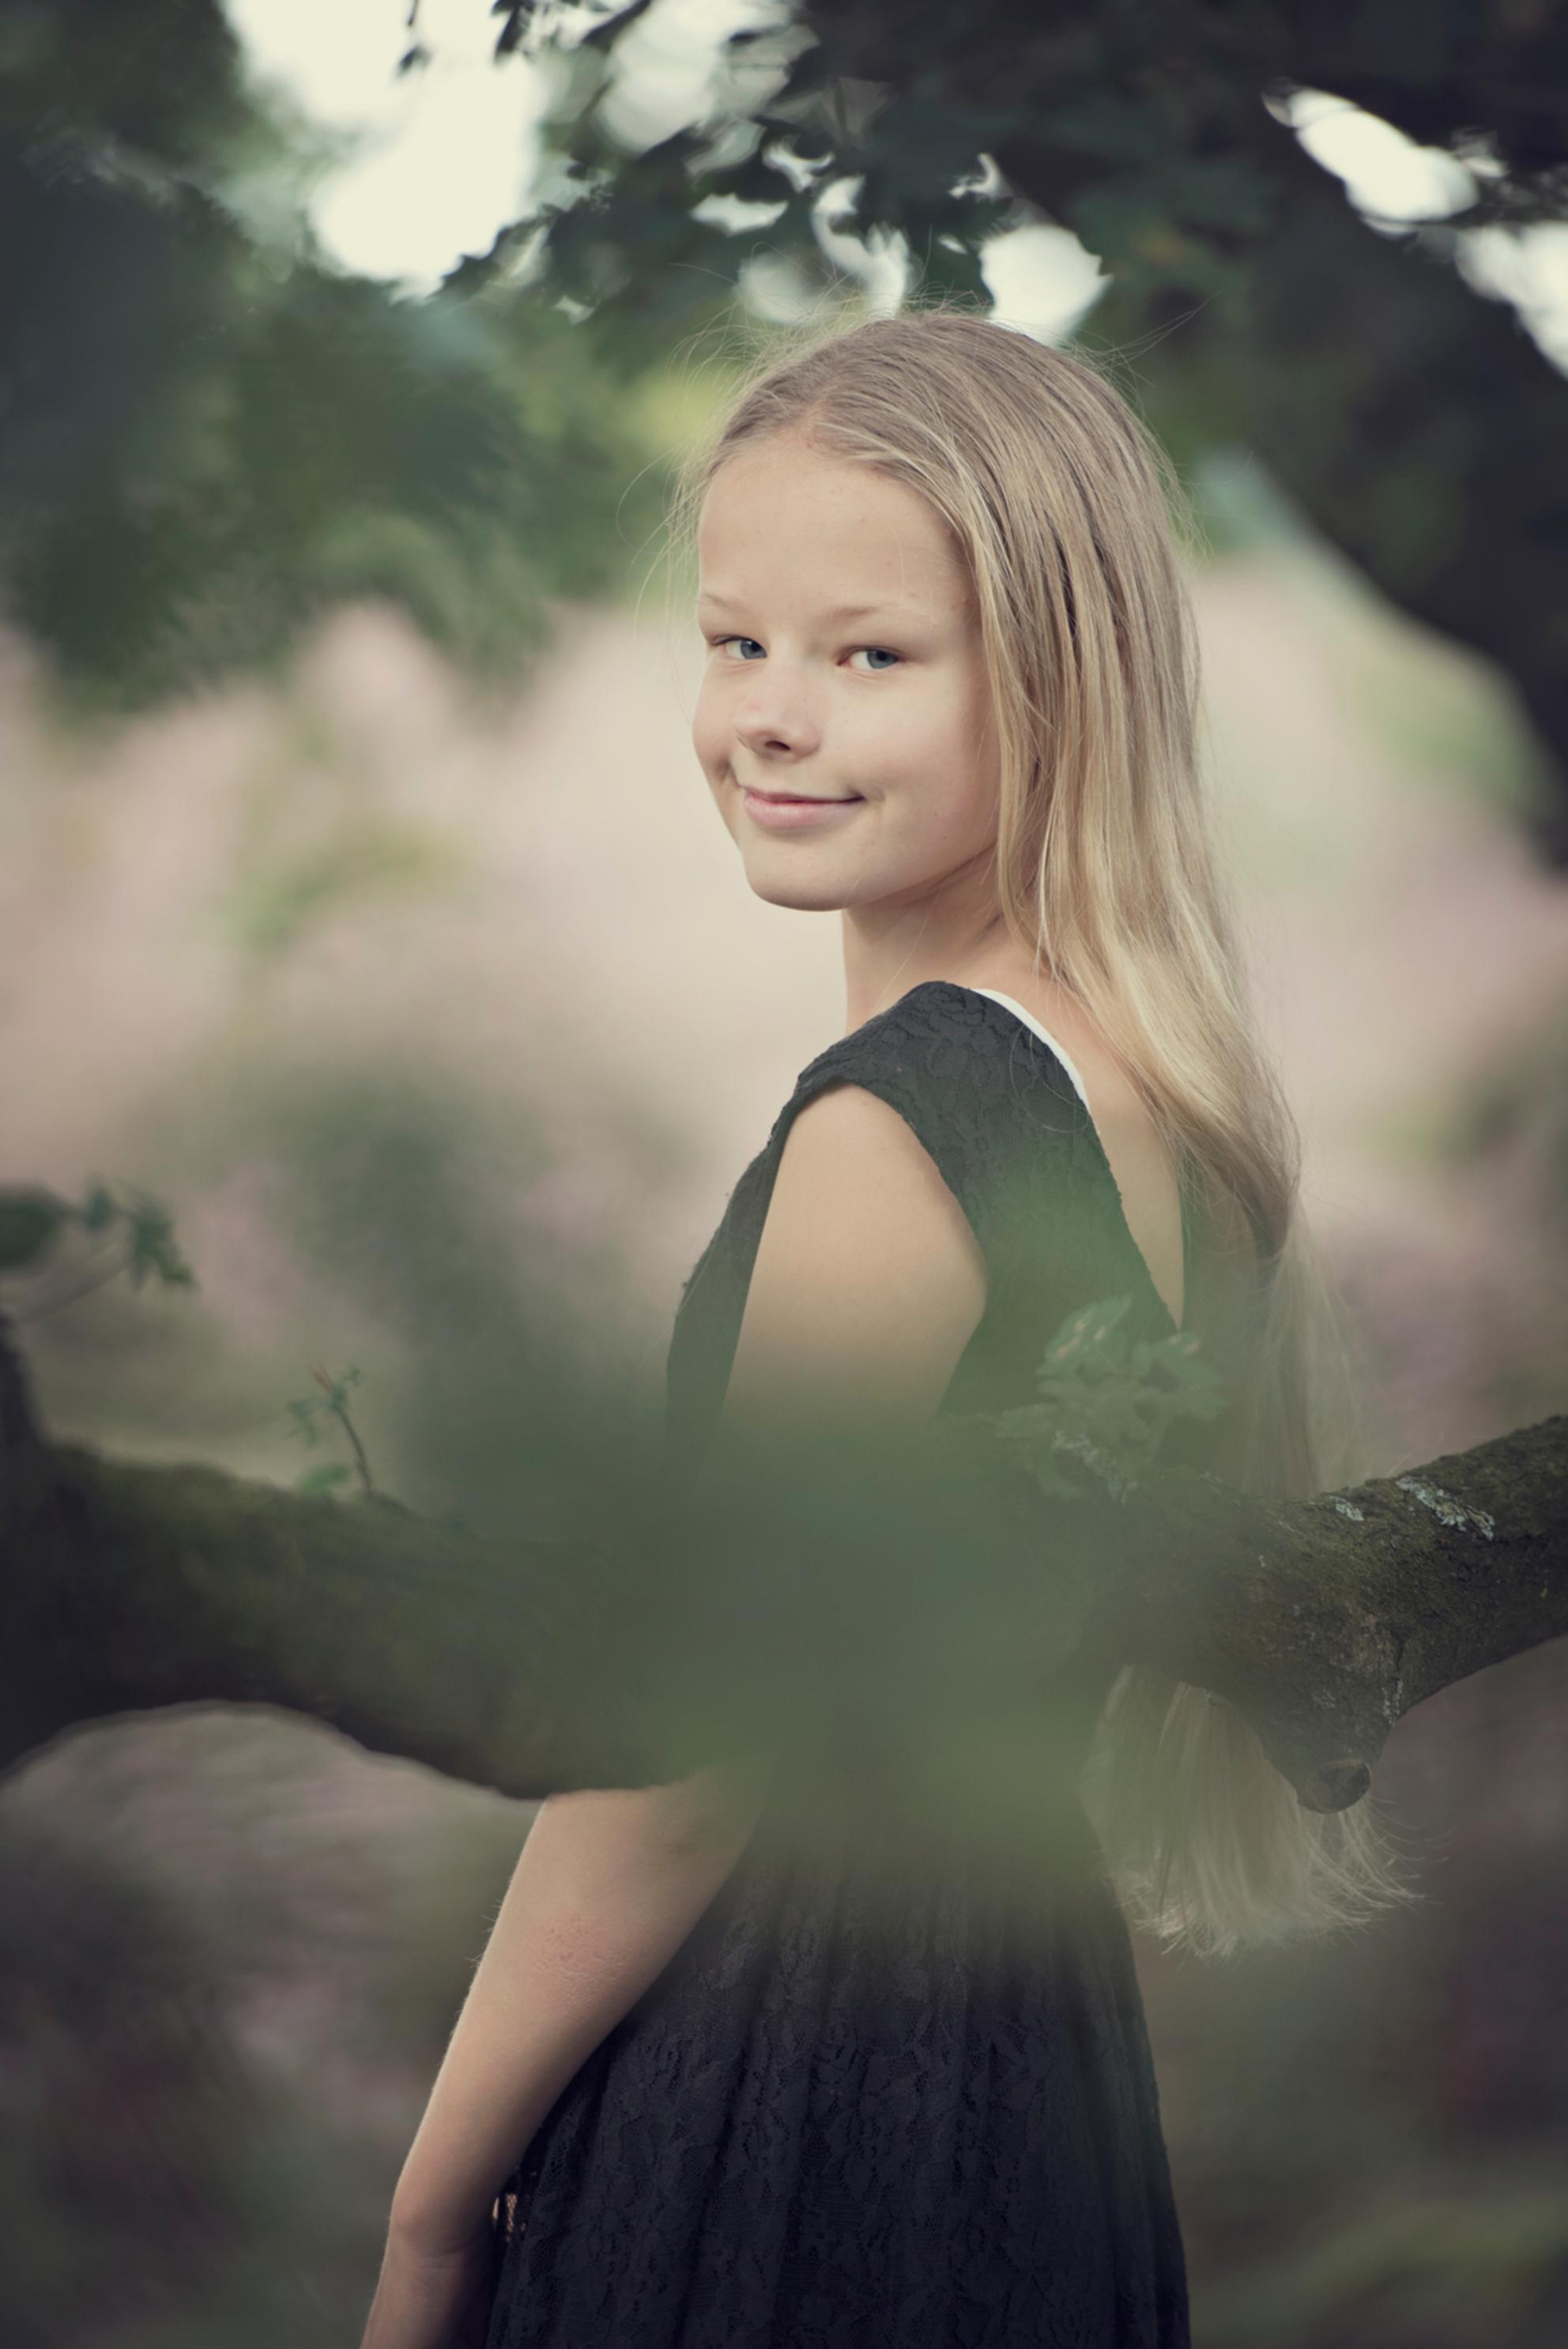 Toekomstig fotomodel - - - foto door LonnekePrins op 01-11-2017 - deze foto bevat: veluwe, licht, posbank, portret, zomer, daglicht, kind, kinderen, haar, fashion, meisje, lief, beauty, glamour, blond, fotoshoot - Deze foto mag gebruikt worden in een Zoom.nl publicatie